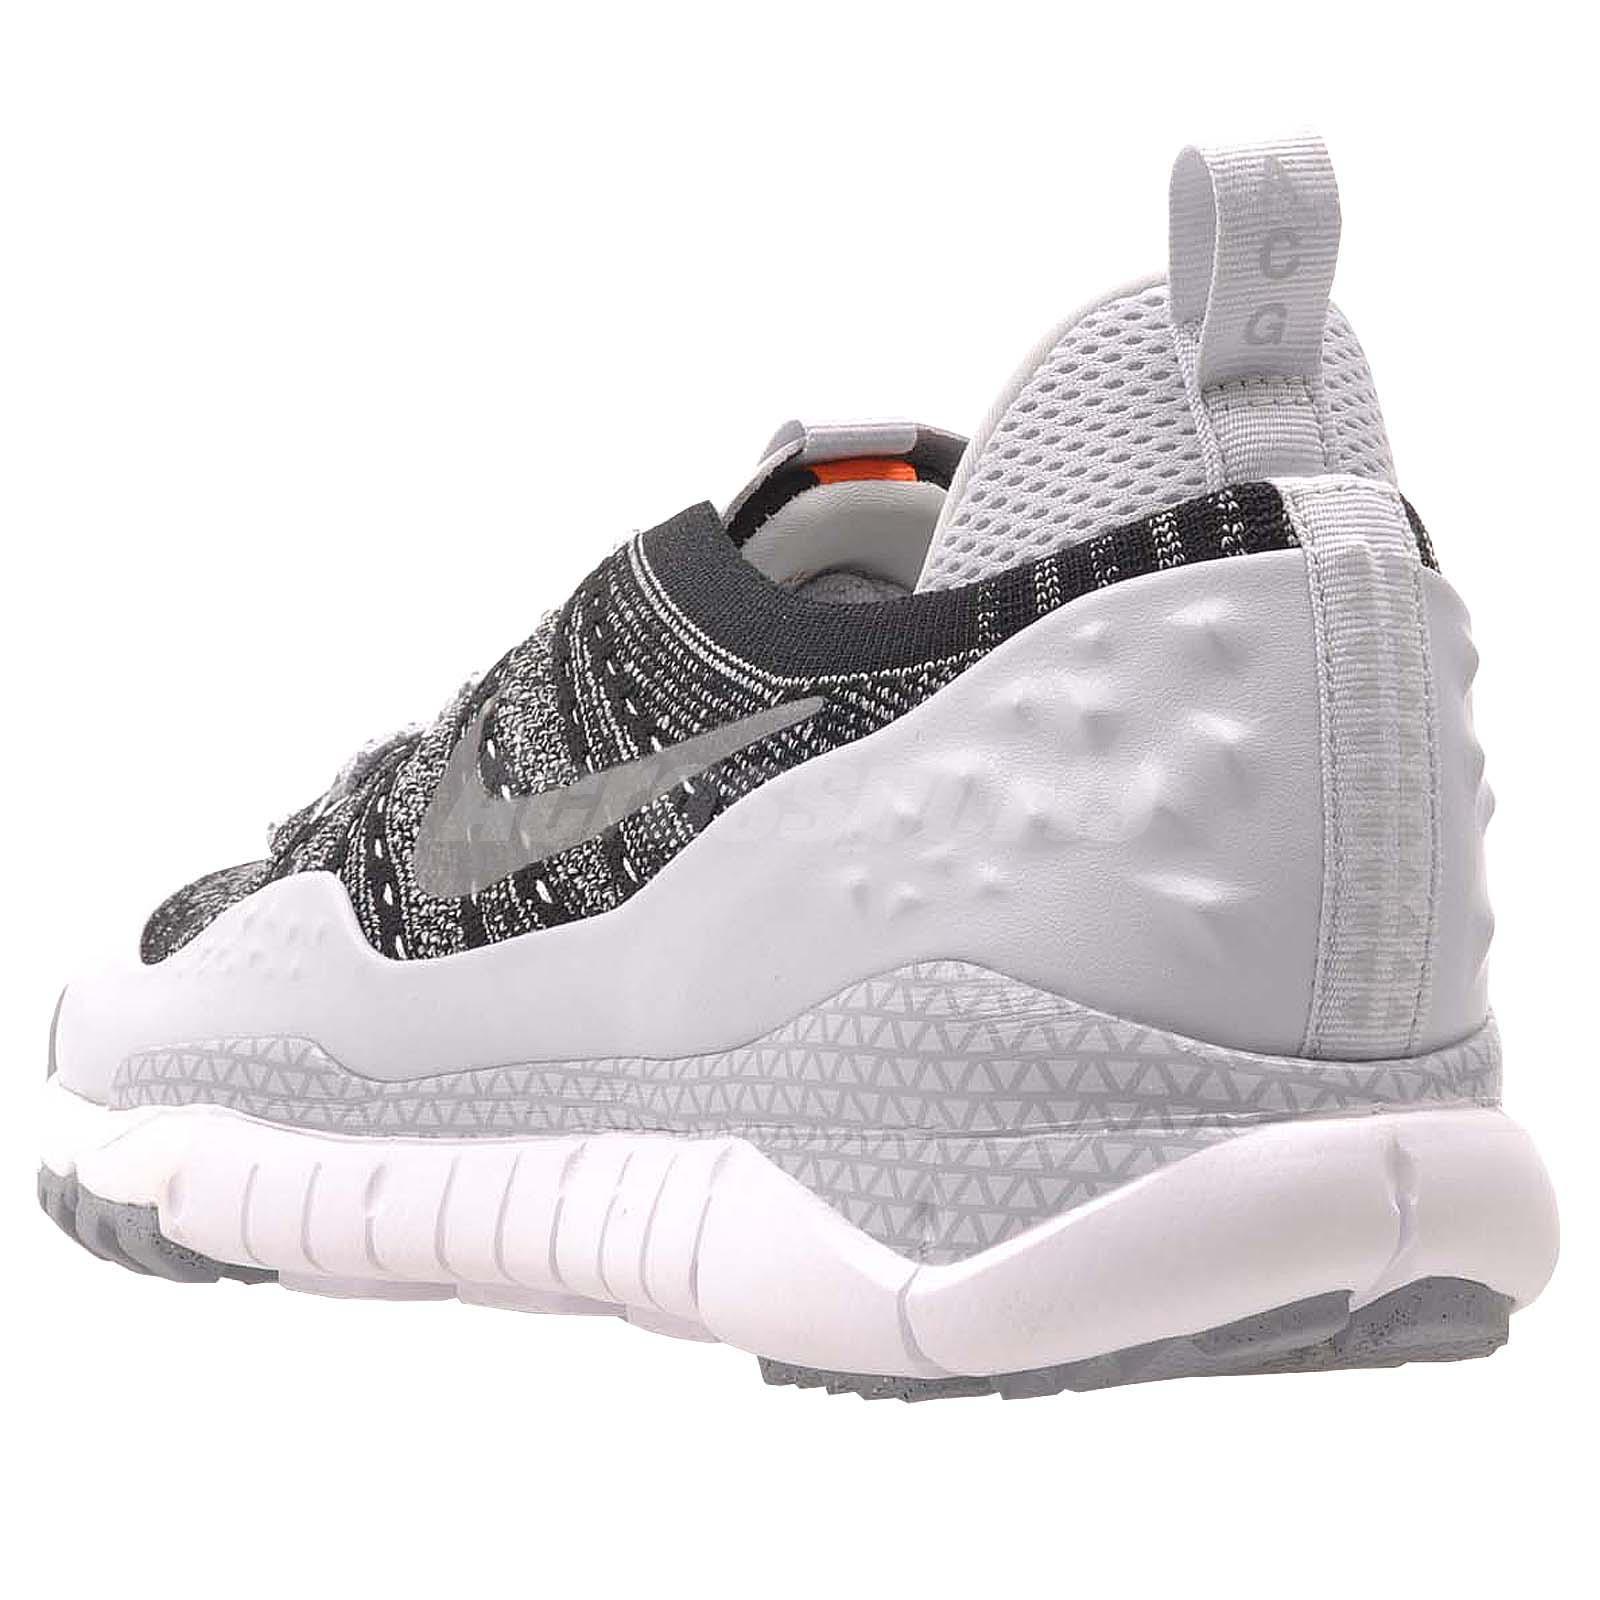 Nike ACG Lupinek Flyknit Low Men Casual Shoes Black Silver Nike ... 6208d0873a26